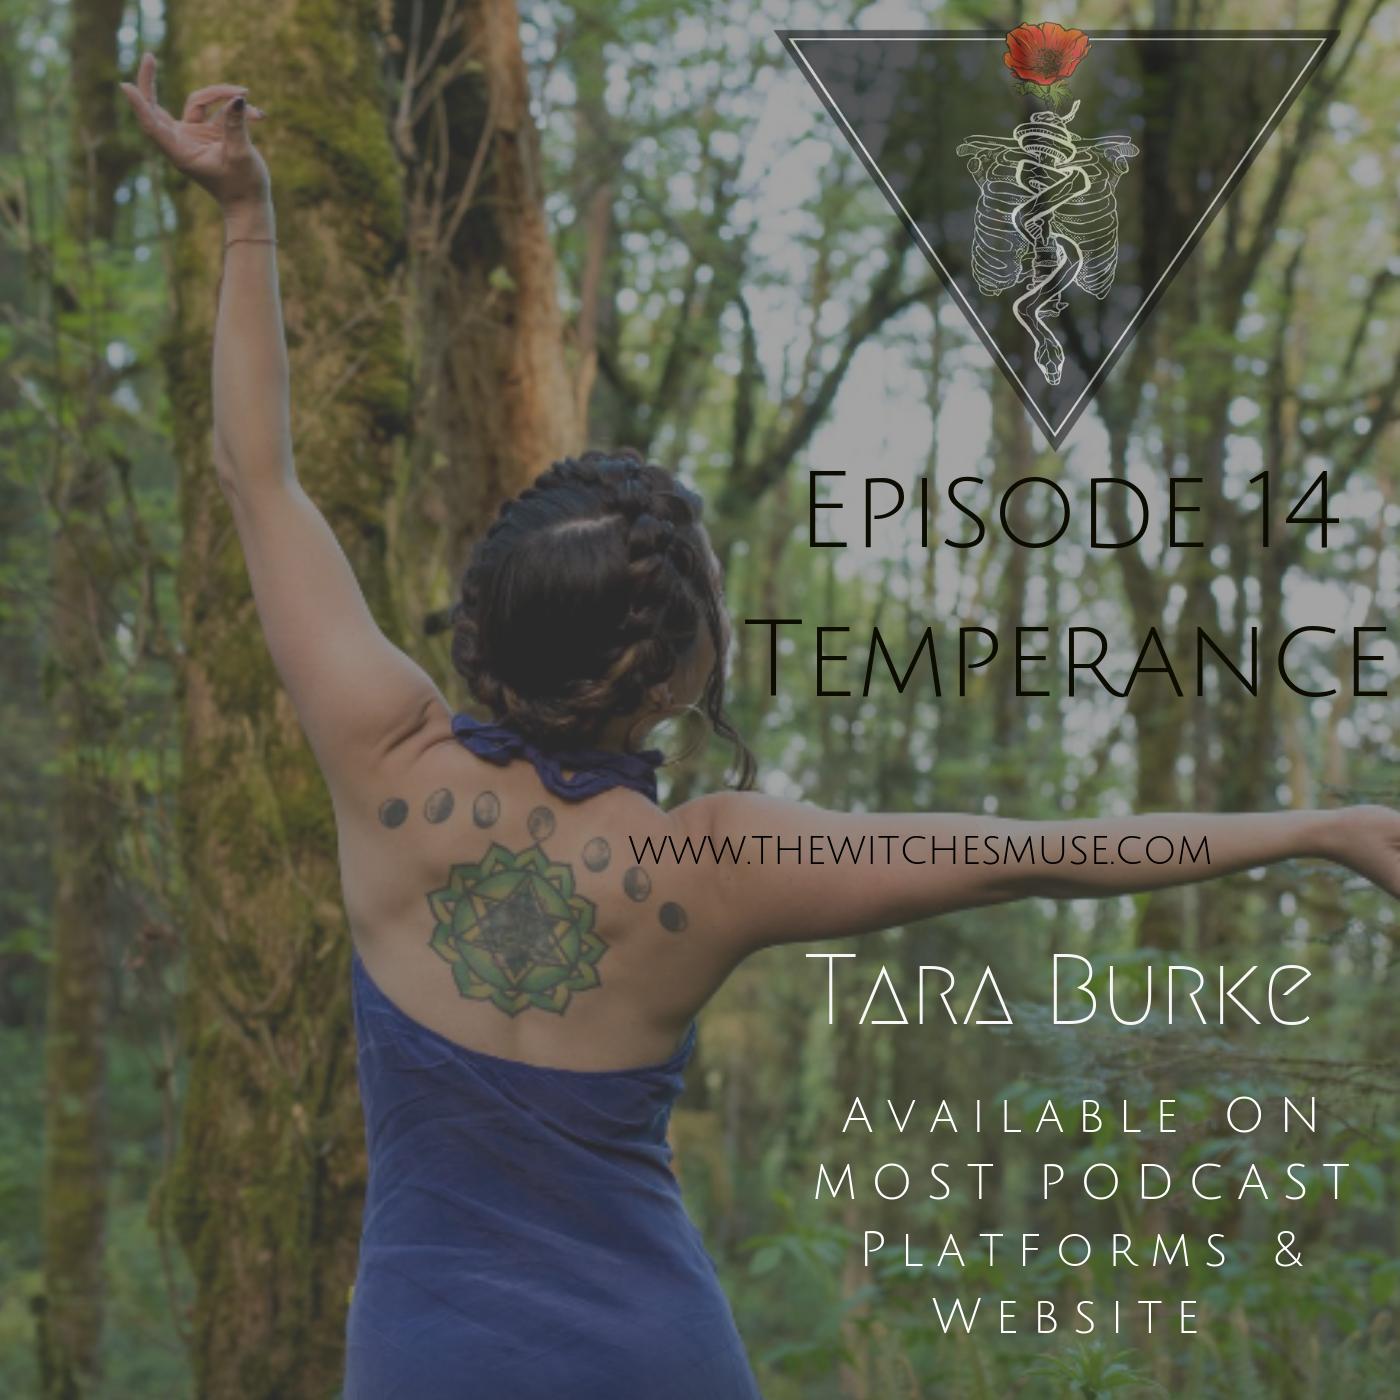 Episode Temperance 14.png